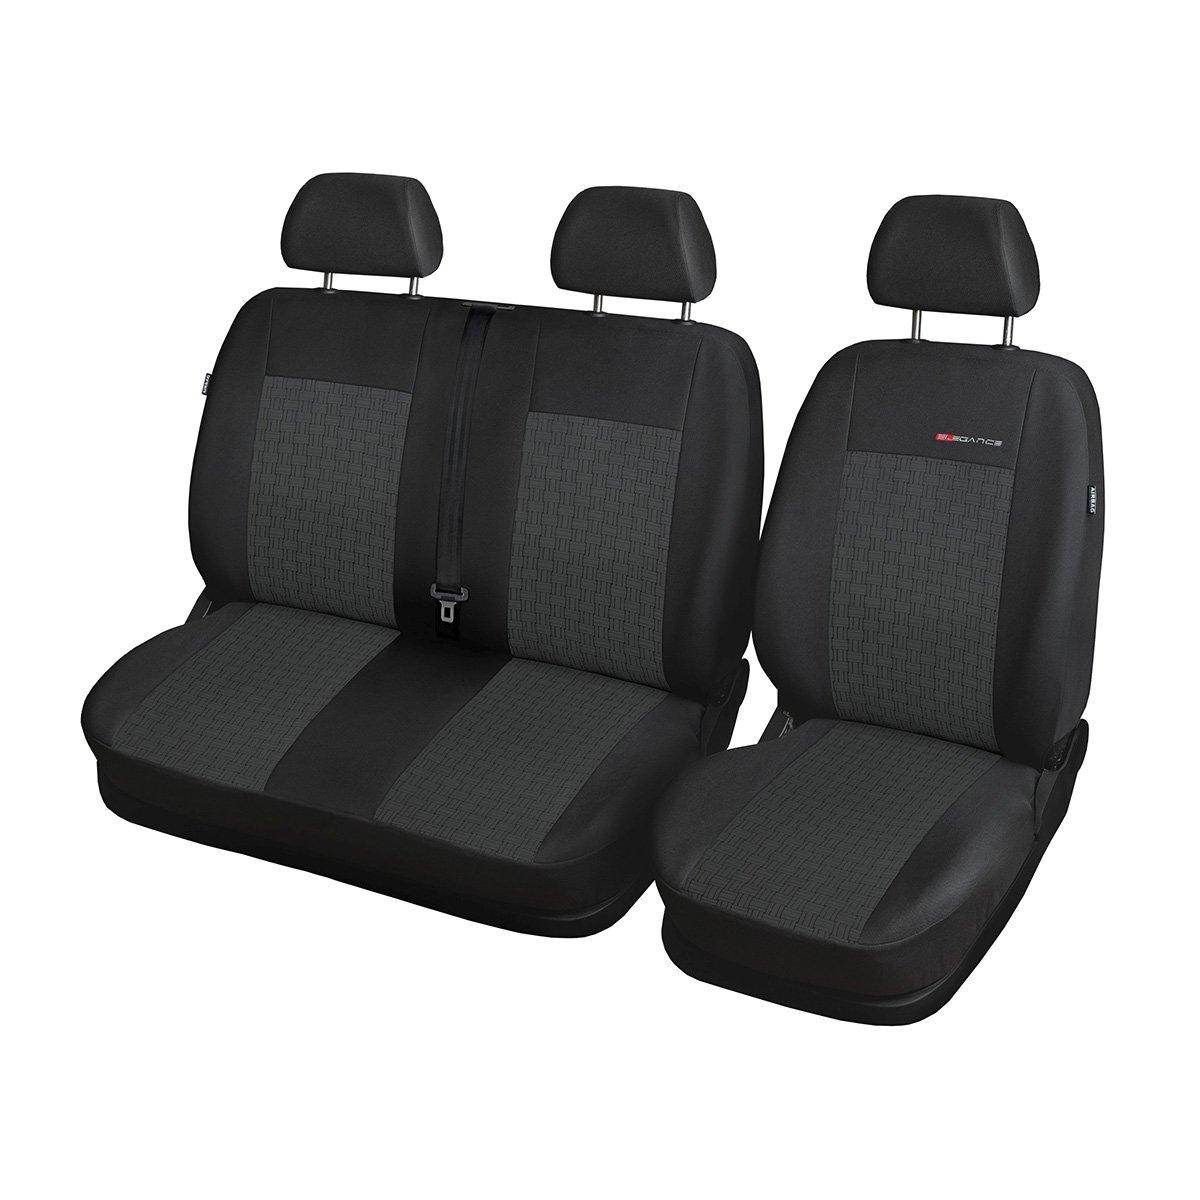 Elegance (E1) (maß geschneidert) - Autoschonbezug-Set (3-Sitzer) - 5902311269129 Mossa